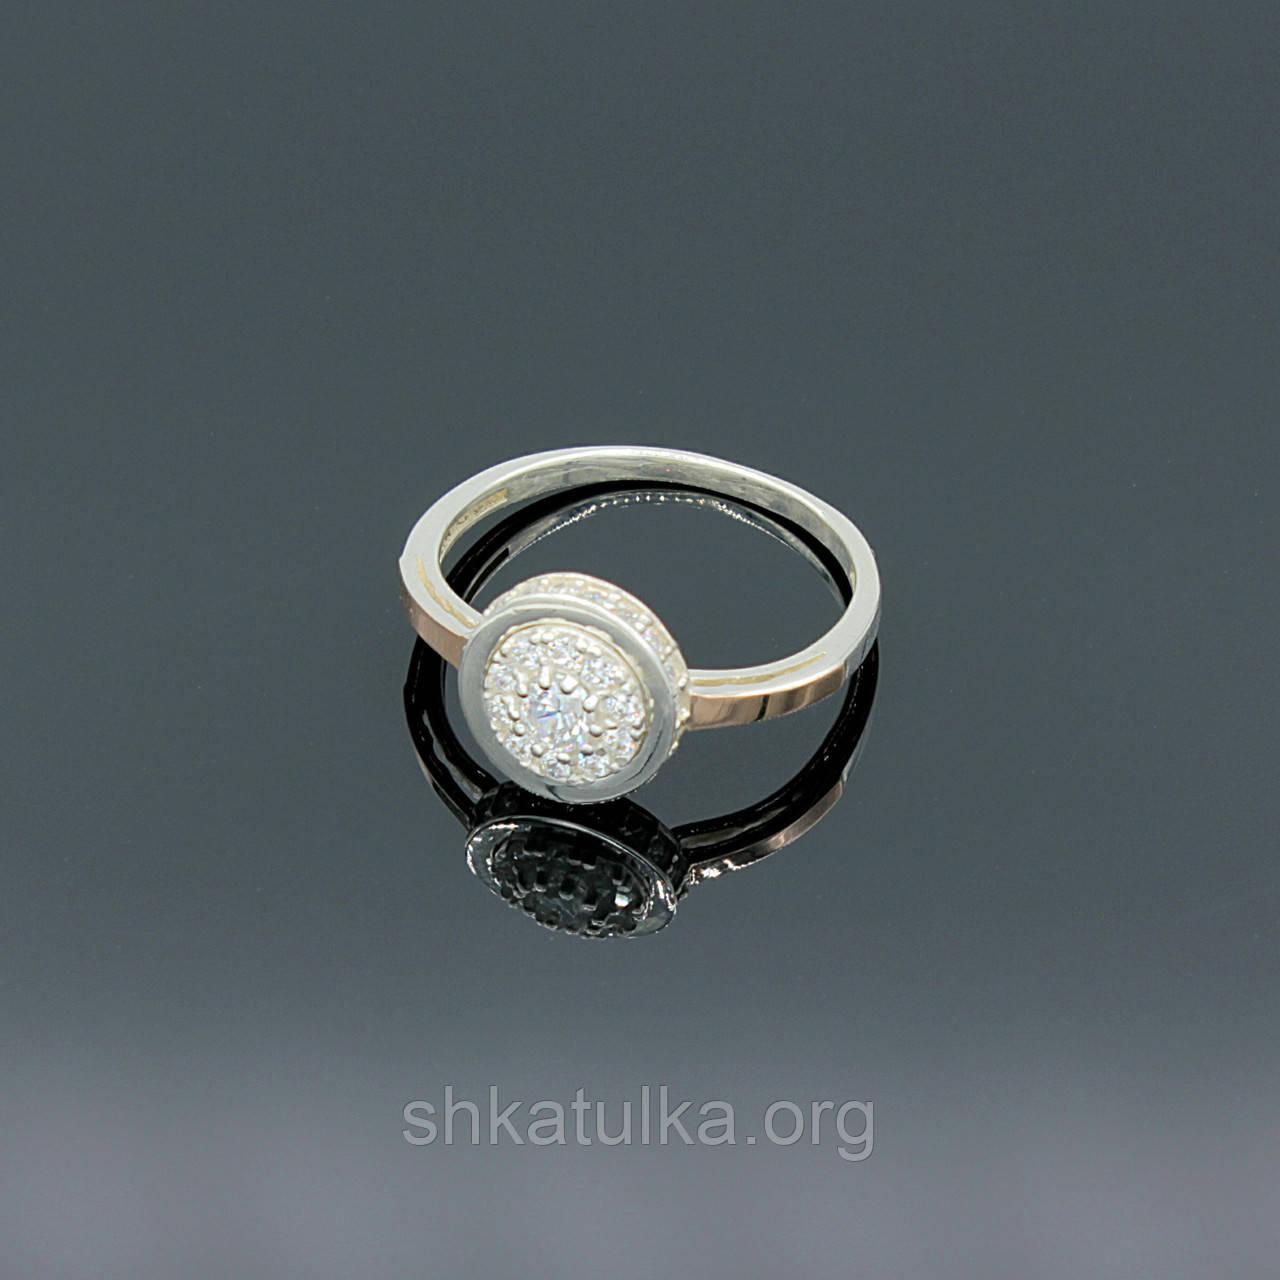 Срібна каблучка перстень Дама з білими камінцями різного розміру